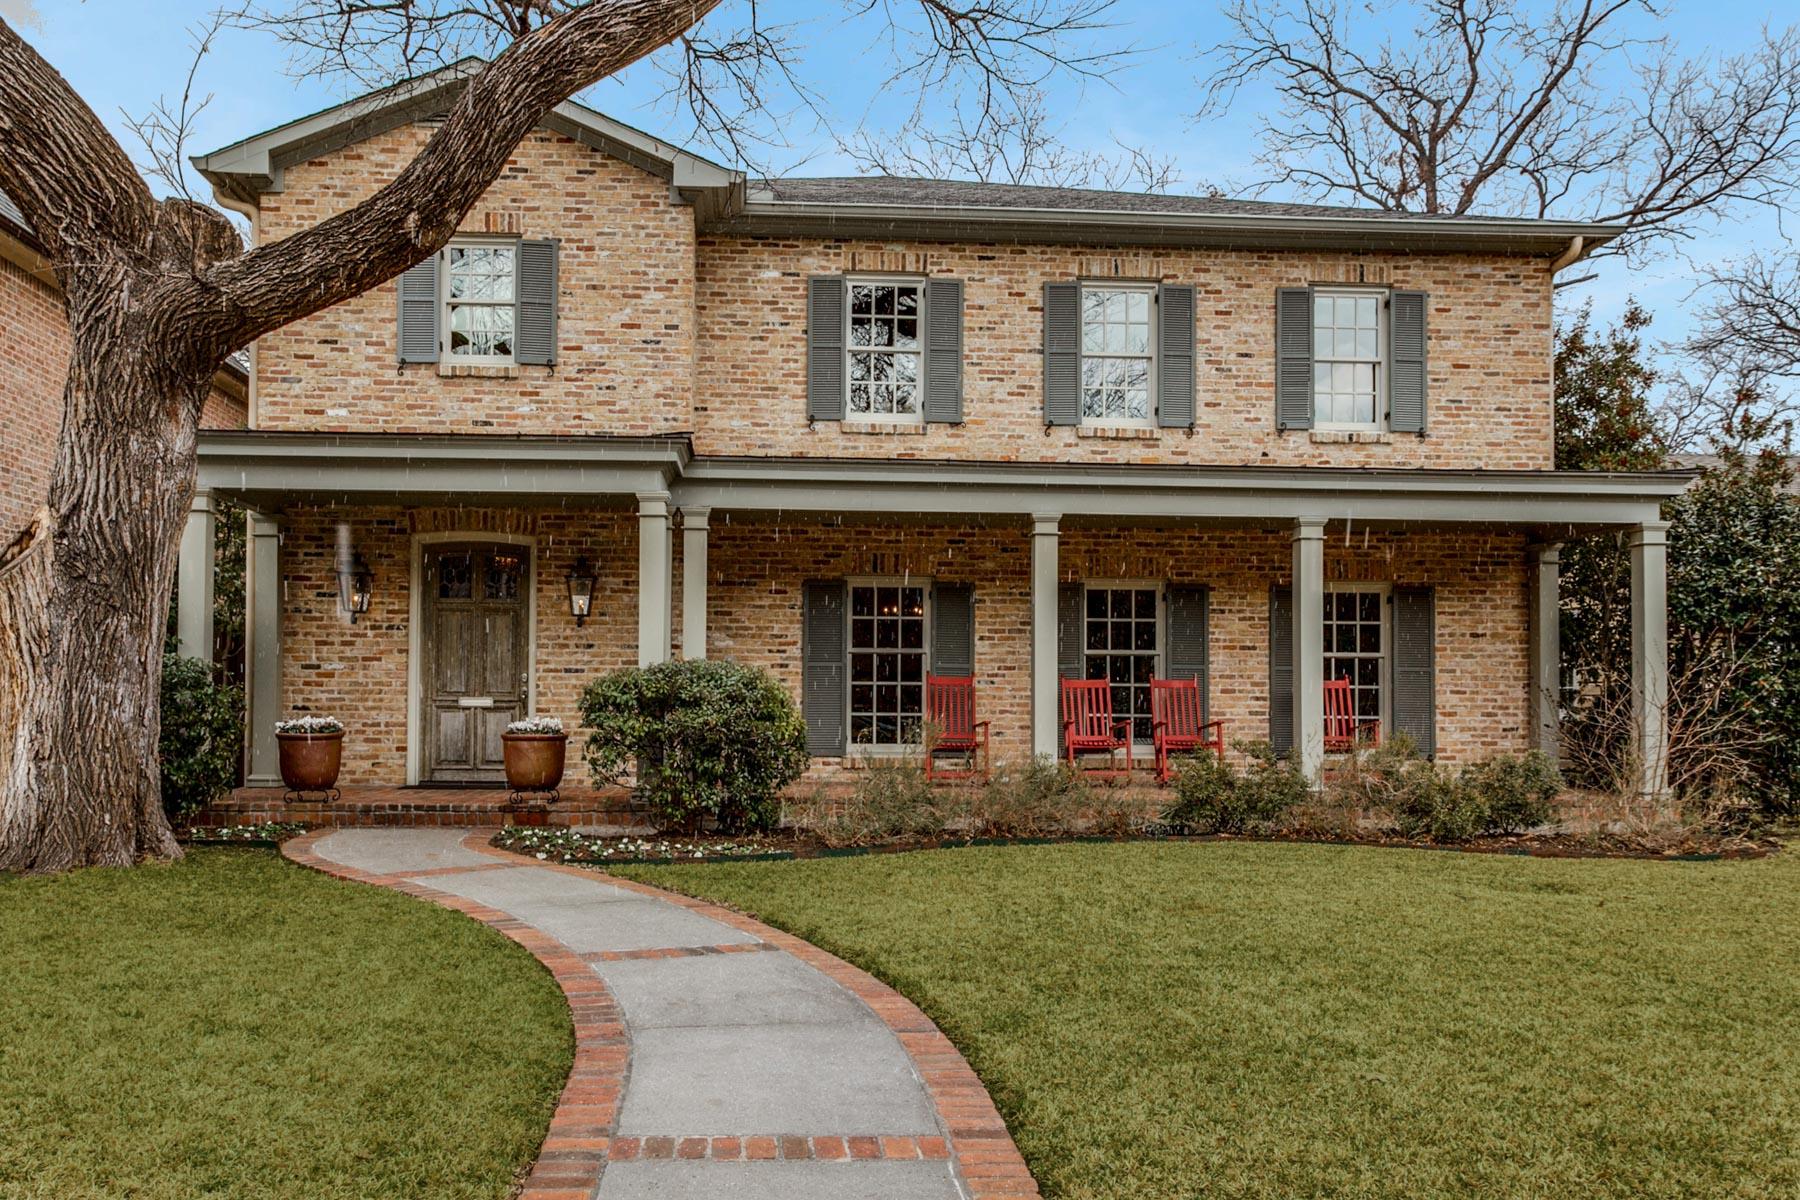 단독 가정 주택 용 매매 에 4408 Caruth Blvd, Dallas Dallas, 텍사스, 75225 미국